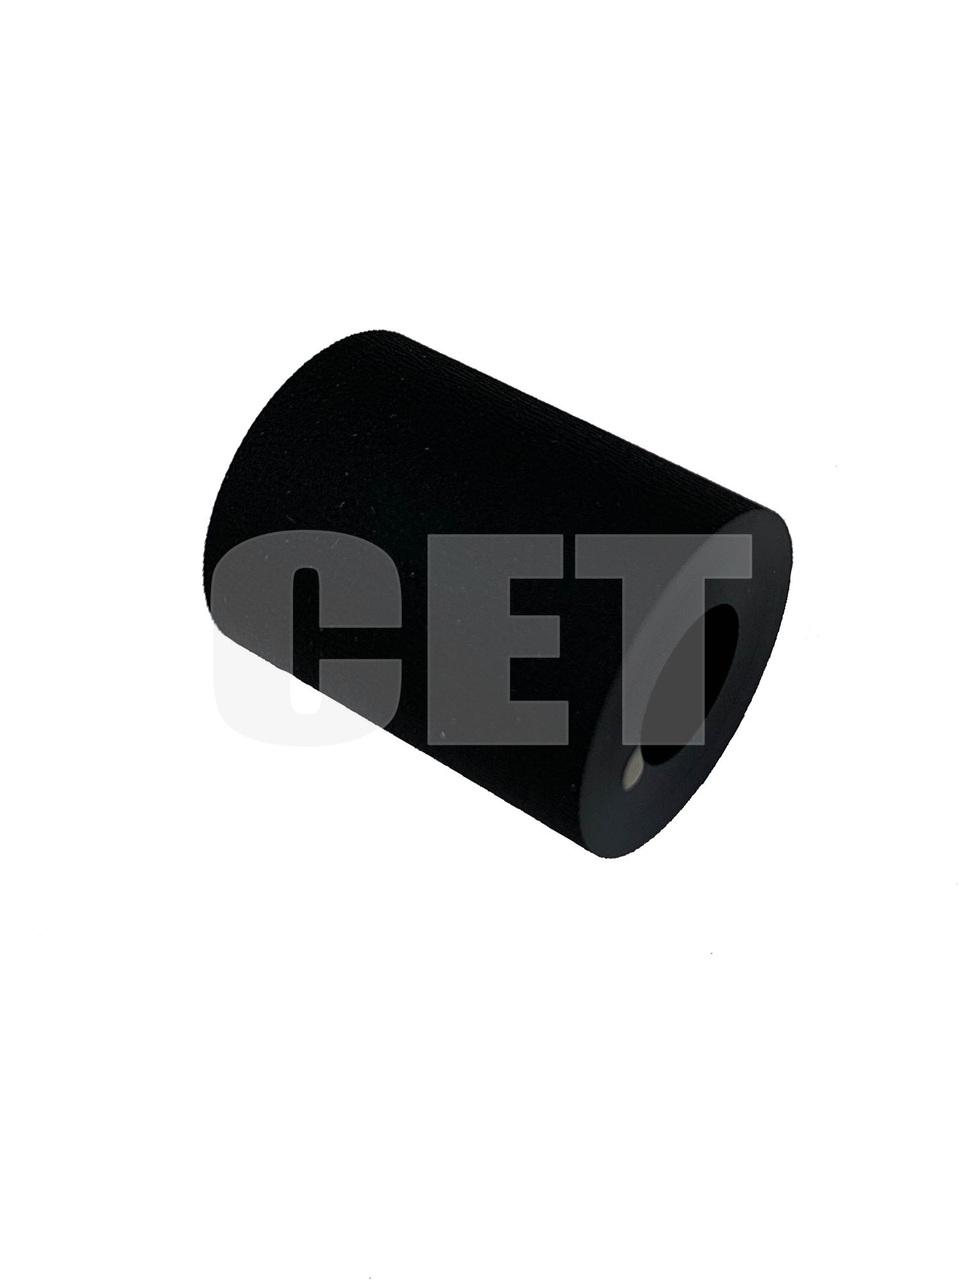 Резинка ролика подхвата (Long Life) 2HN06080 для KYOCERAFS-6025MFP/TASKalfa 255/305 (CET), CET341024PT,CET341024PTR